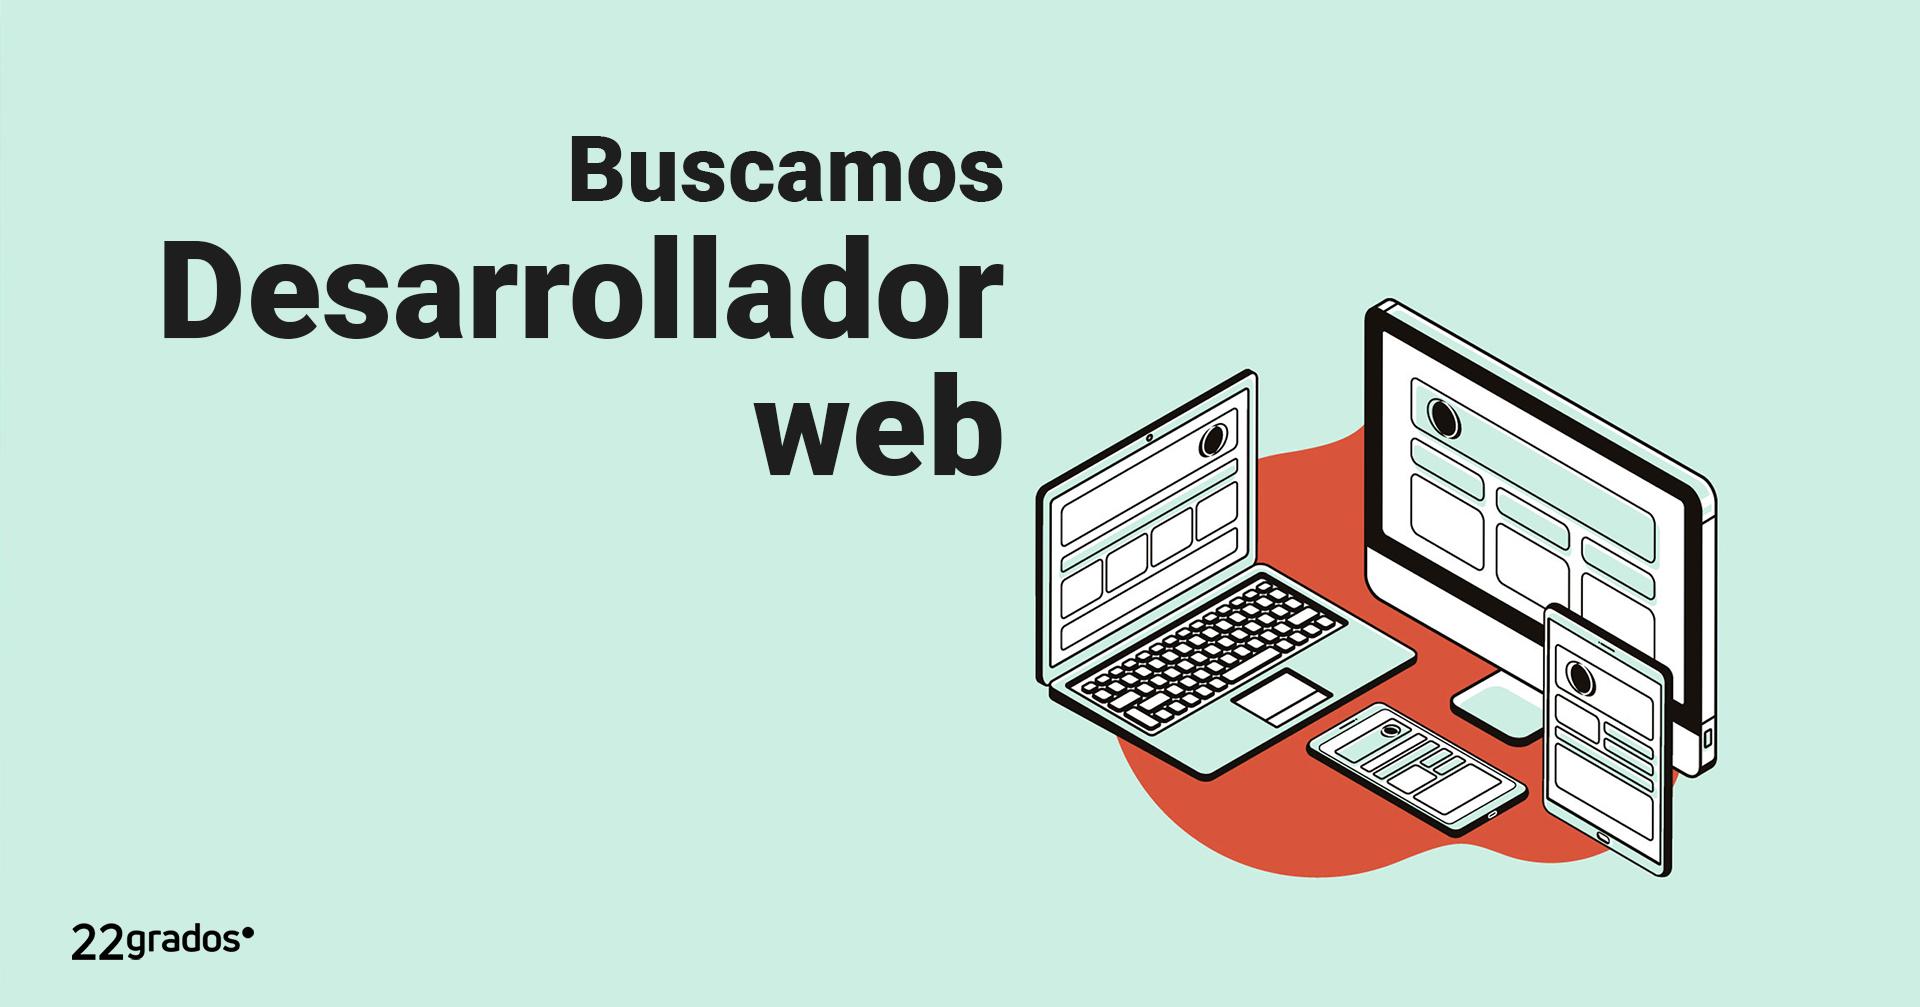 Buscamos Desarrollador web